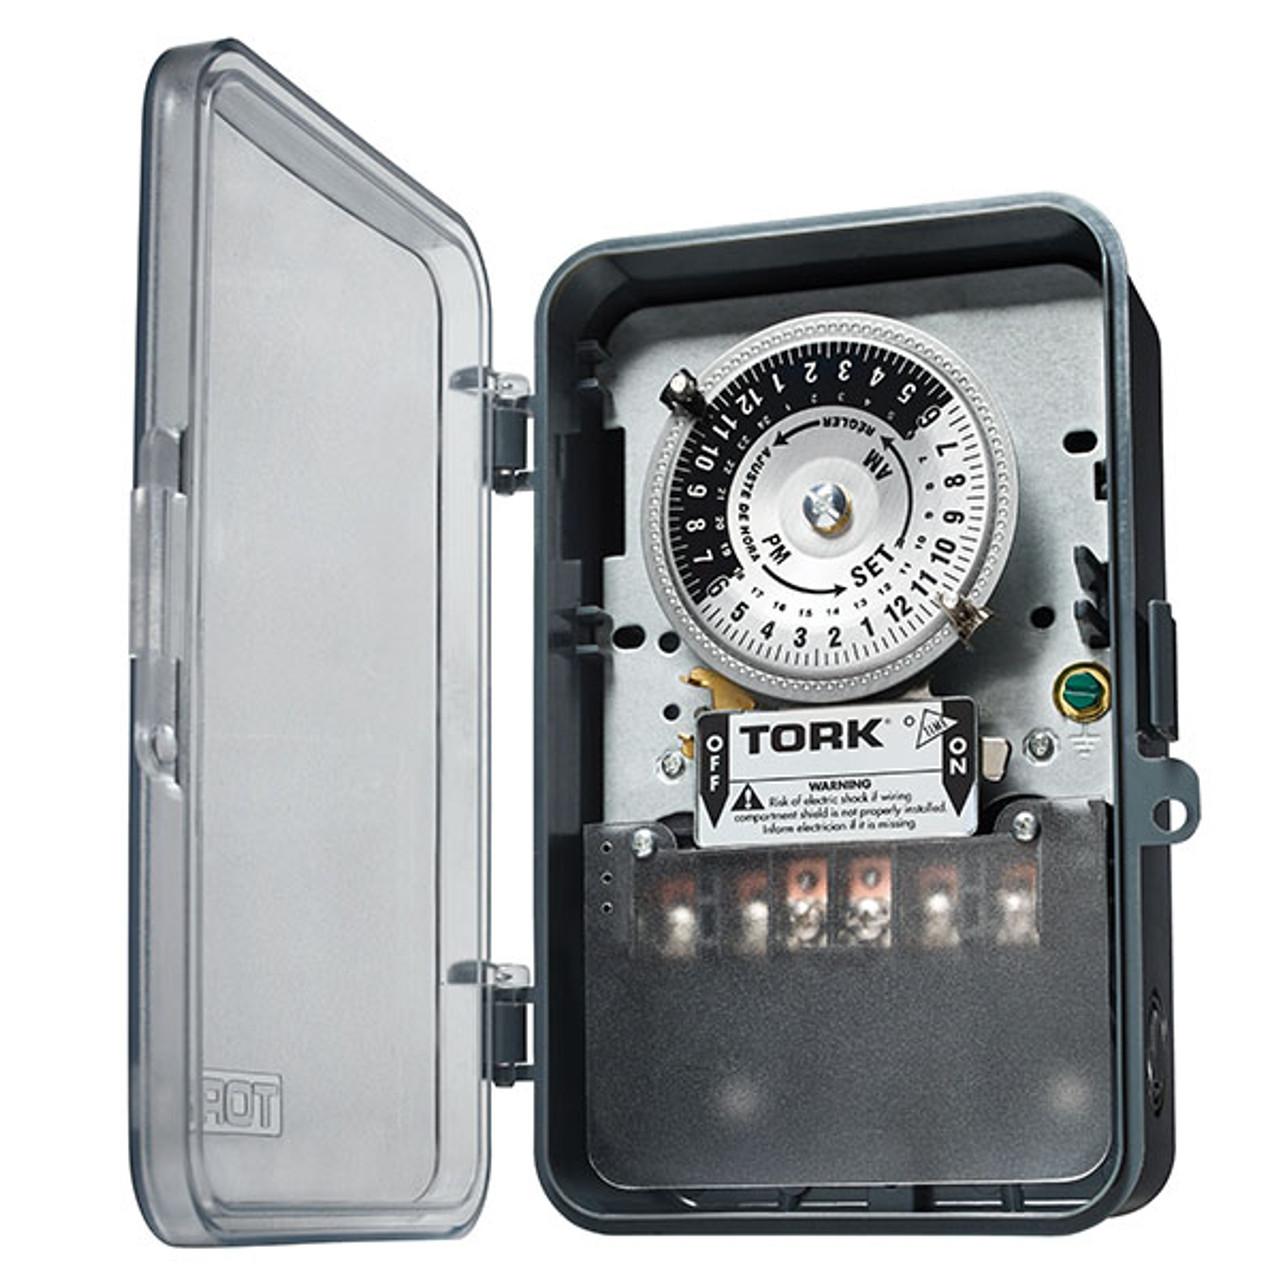 Tork 1109A-PC Mechanical 24 Hour Timer